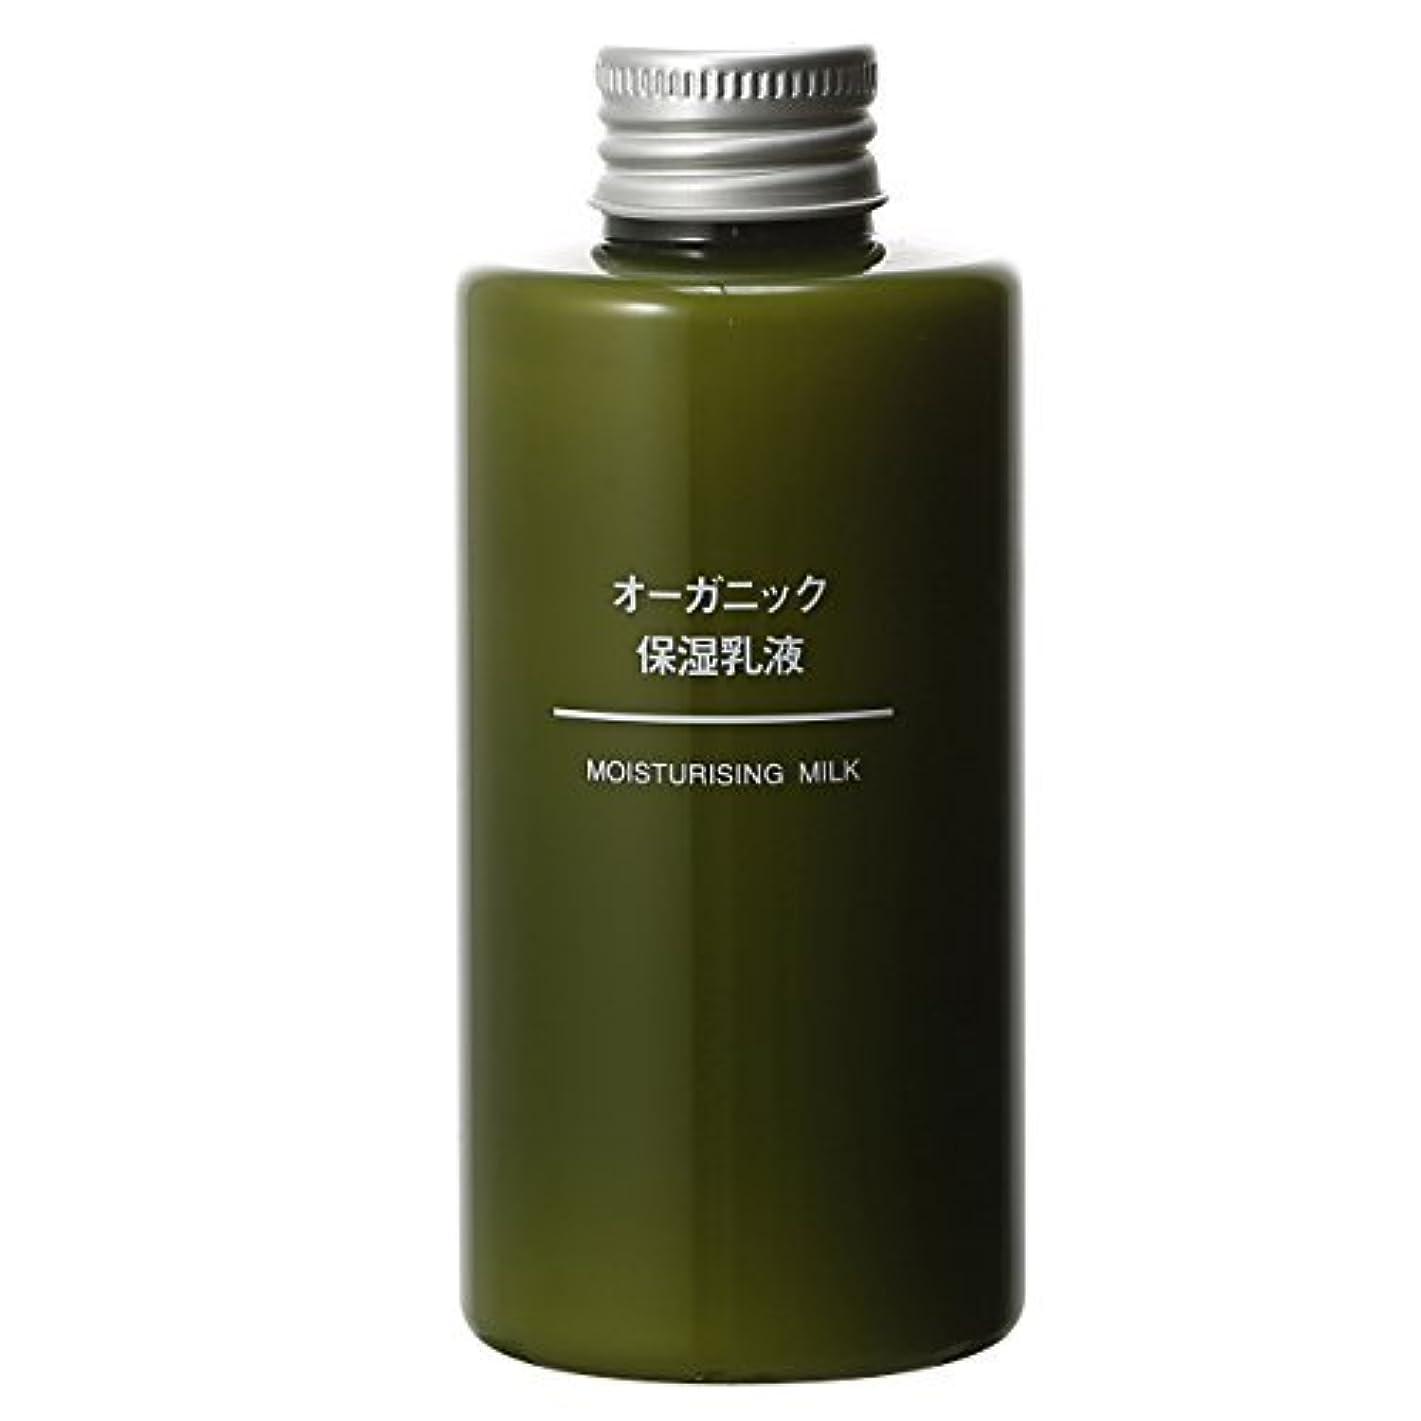 契約故意の魅惑的な無印良品 オーガニック保湿乳液 150ml